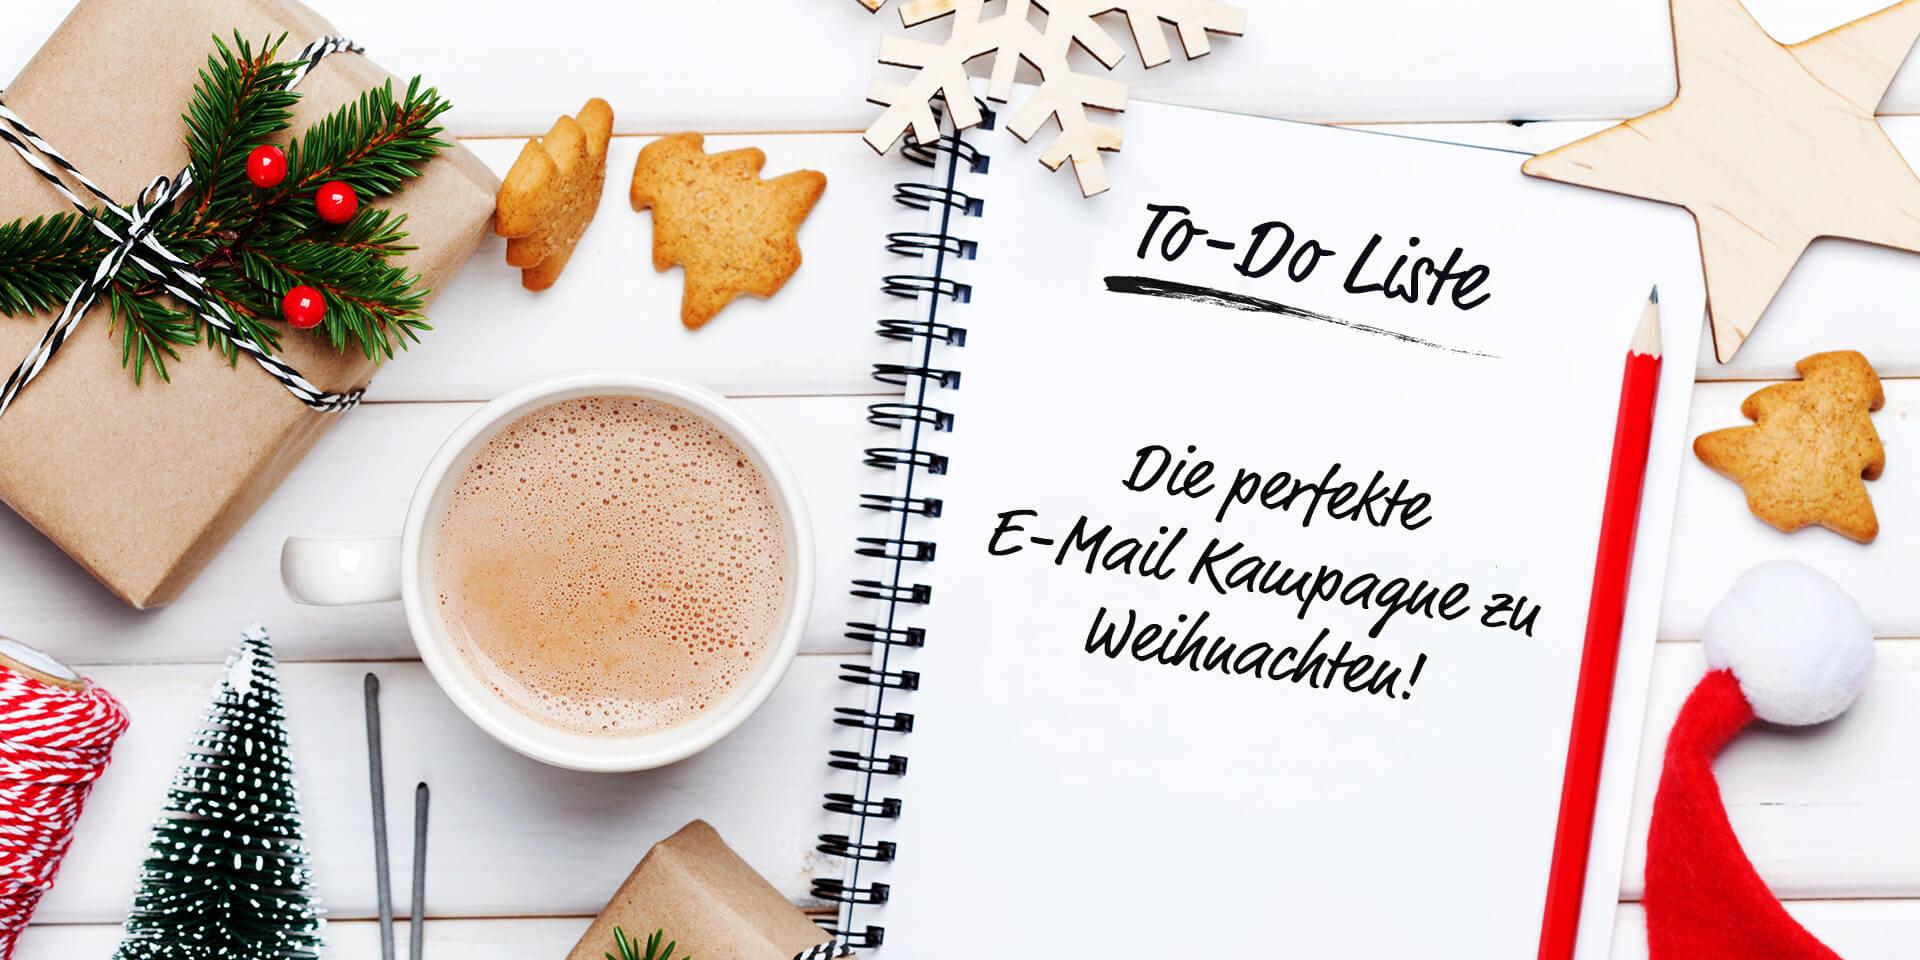 E Mail Weihnachtsgrüße Vorlagen.Clever Christmas Die Checkliste Für Die Perfekte Weihnachts